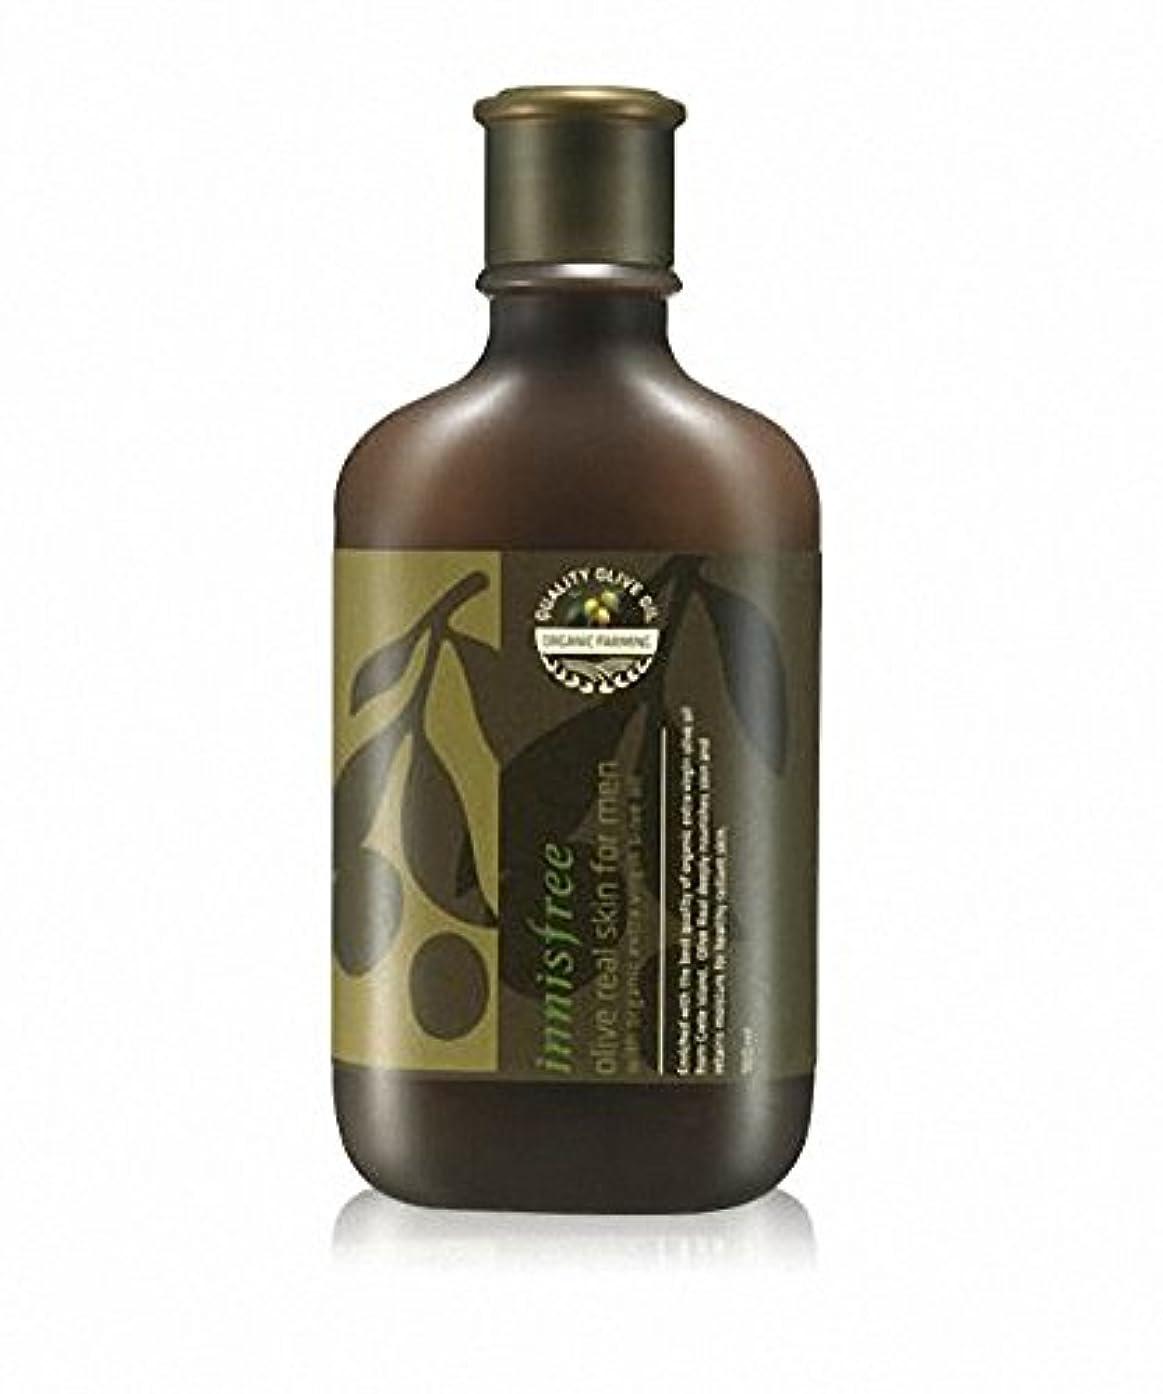 名詞うっかり入学する[イニスフリー] Innisfree オリーブリアルスキンフォアマン(150ml) Innisfree Olive Real Skin For Men(150ml)  [海外直送品]